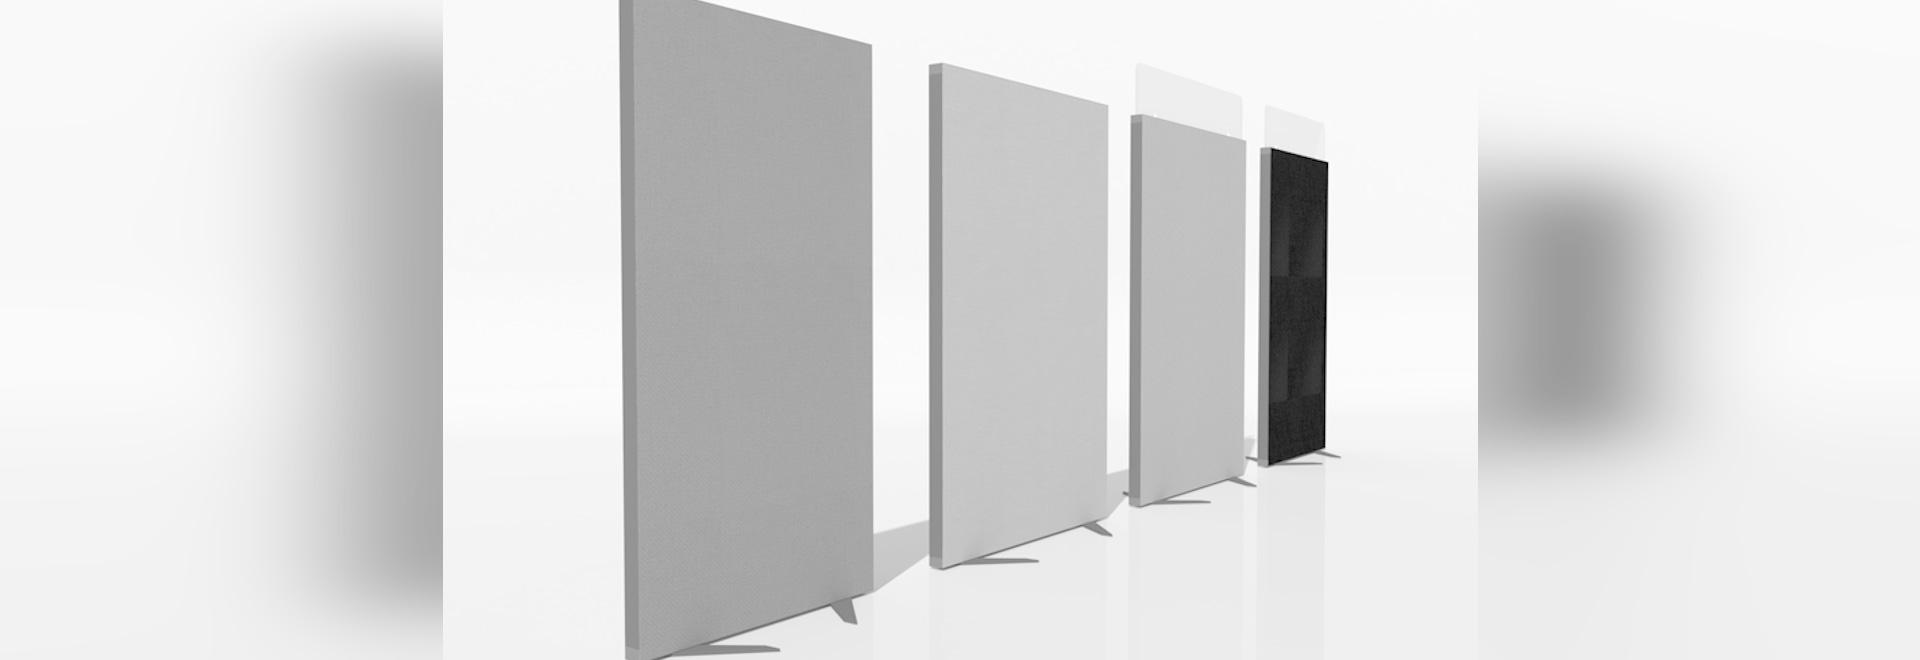 schermo di protezione acustica EKOE DECO per ufficio